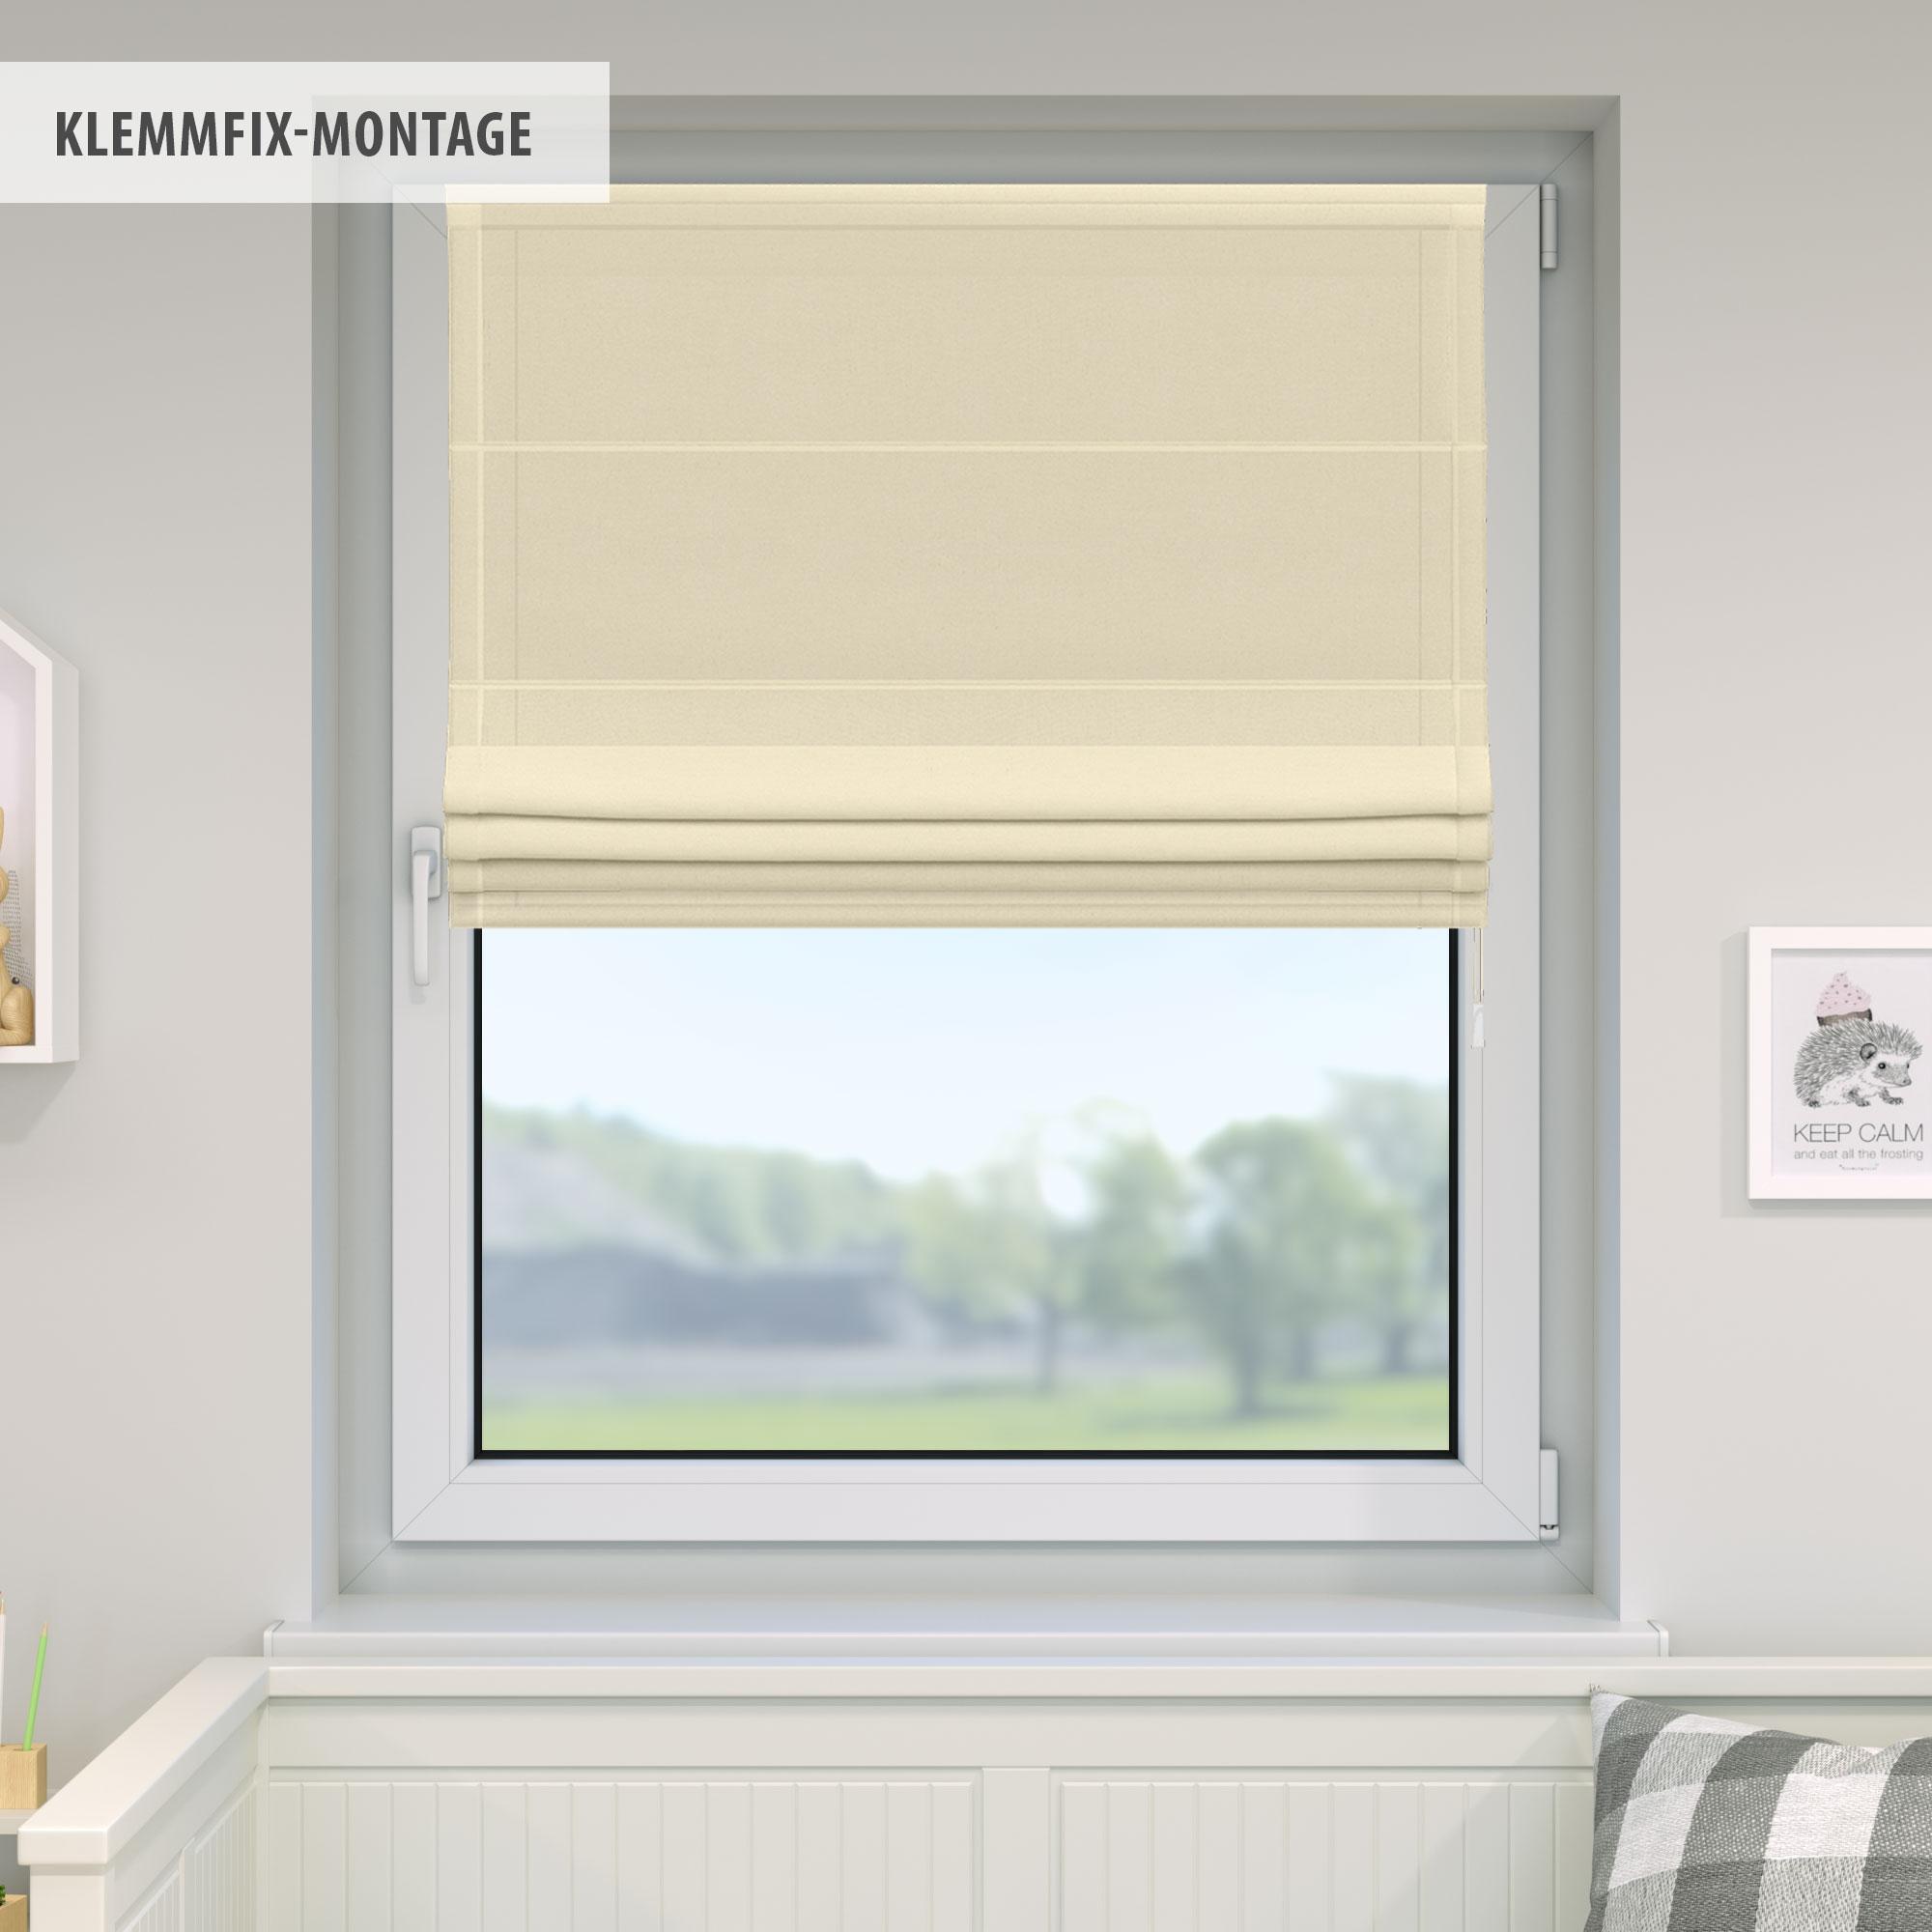 Indexbild 33 - Raffrollo-Faltrollo-Klemmfix-ohne-Bohren-Fenster-Raffgardine-Gardine-VICTORIA-M